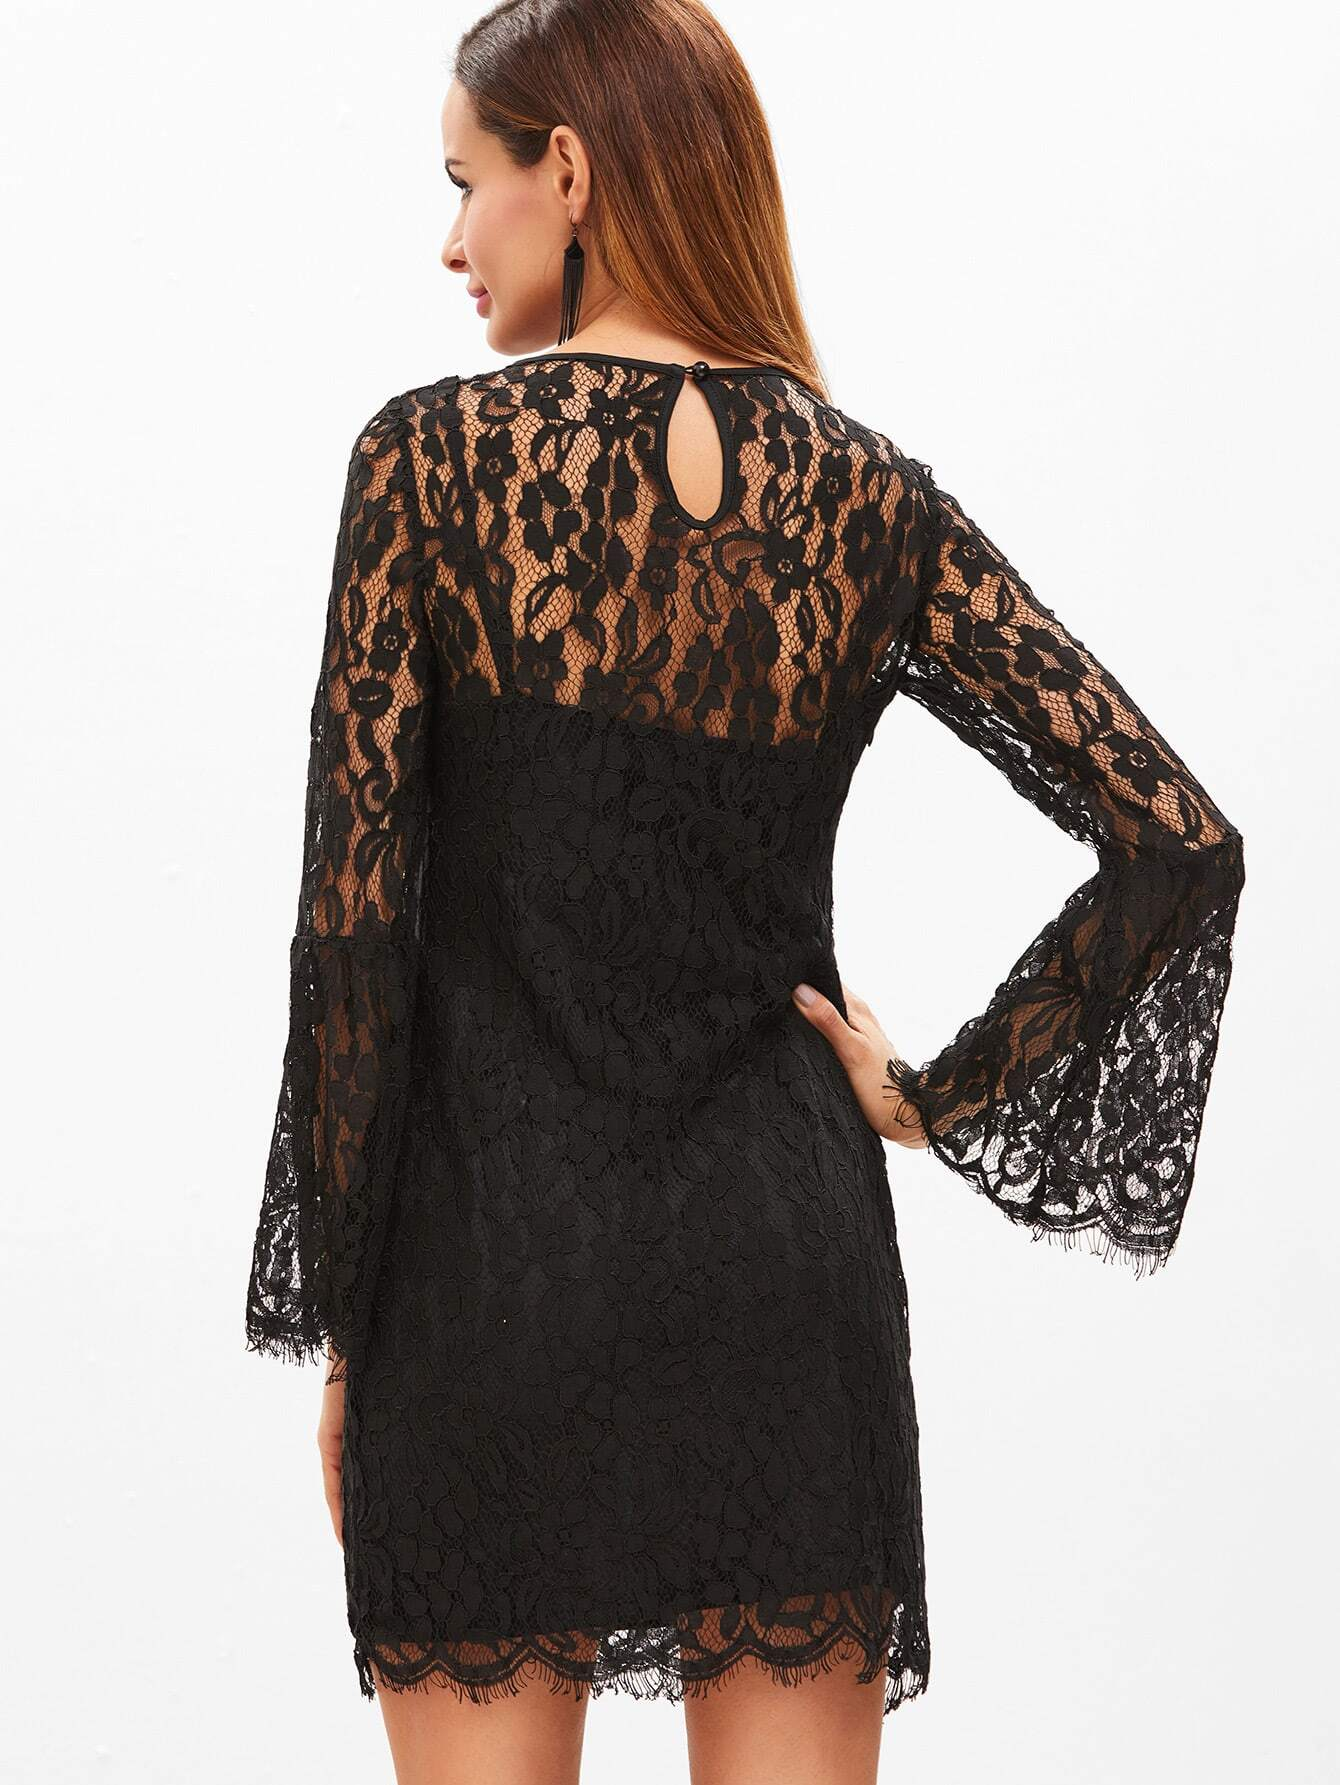 dress161205713_2